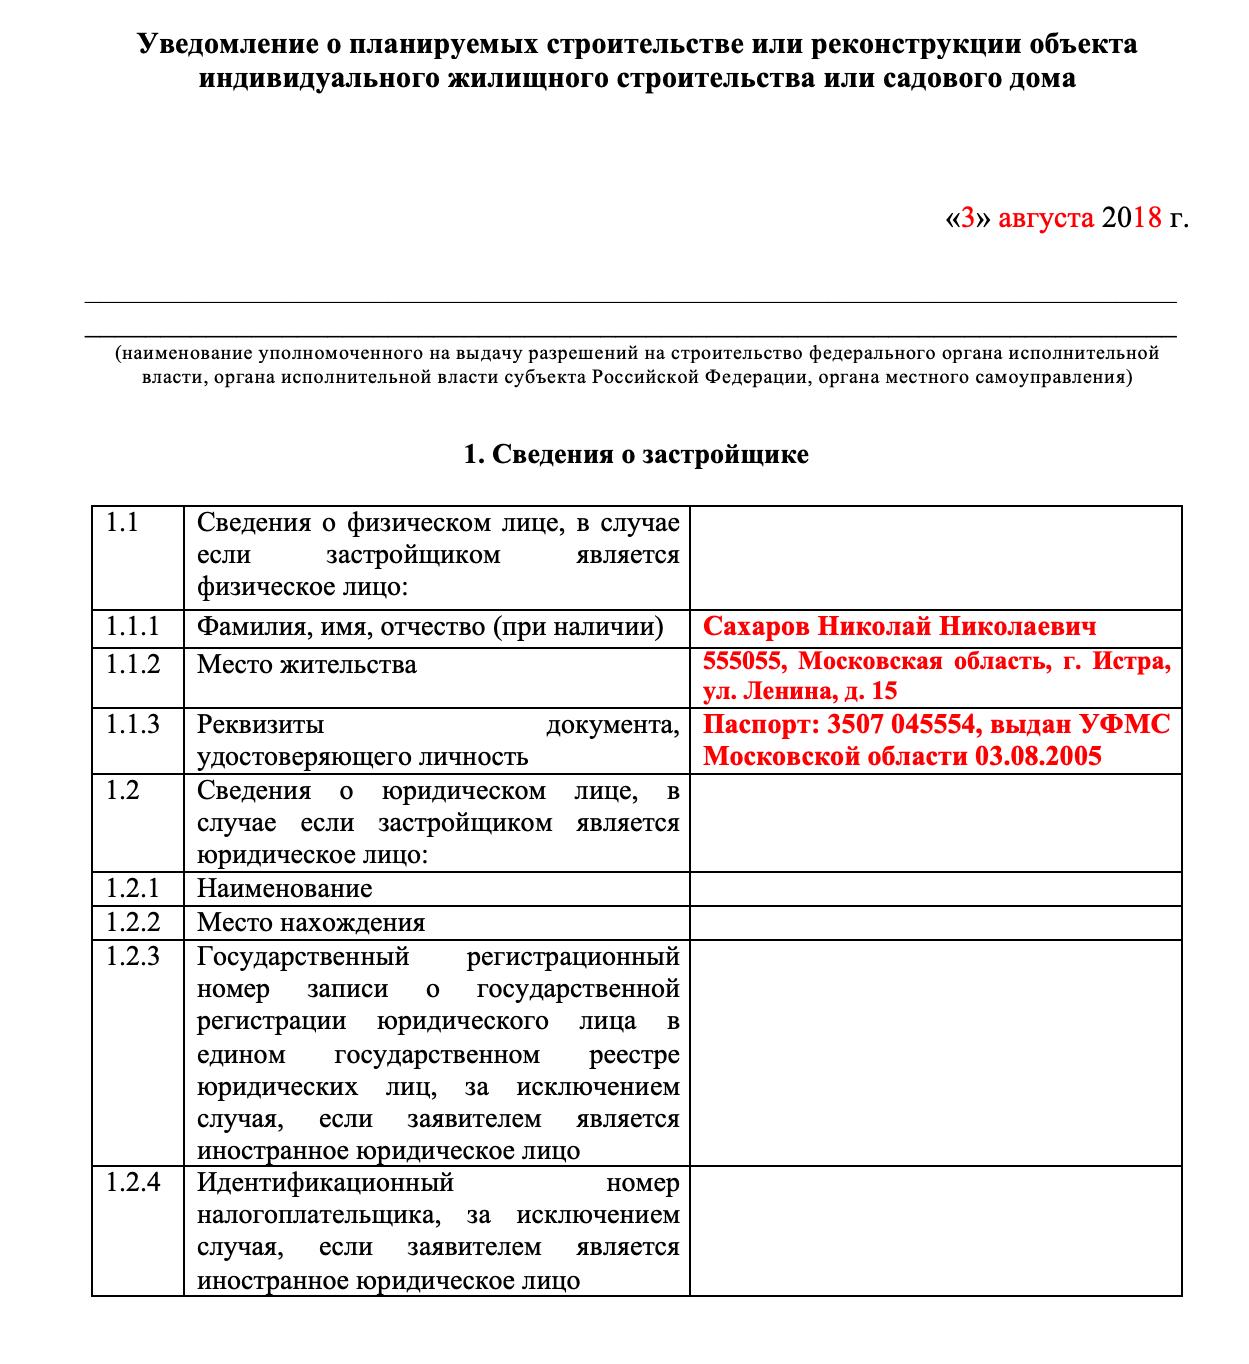 Уведомление о планируемом строительстве - образец заполнения 2021